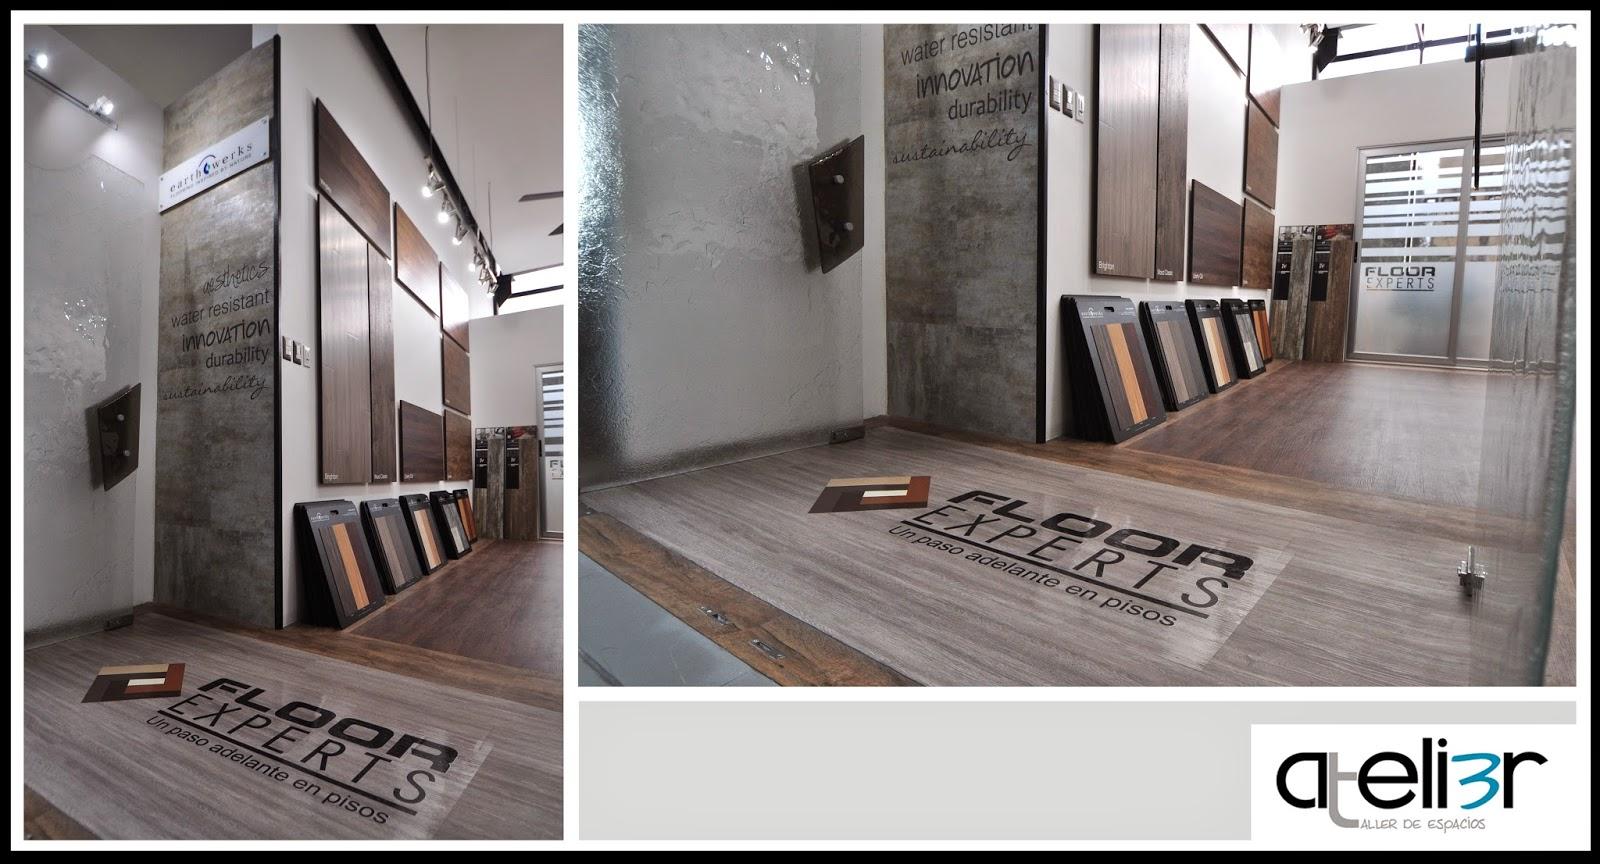 nterior design guatemala, interiores guatemala, guatemala diseño de interiores, diseño de interiores guatemala, decoración guatelamala, Atelier Taller de Espacios, diseño guatemala, floor experts, diseño de interiores, design center,